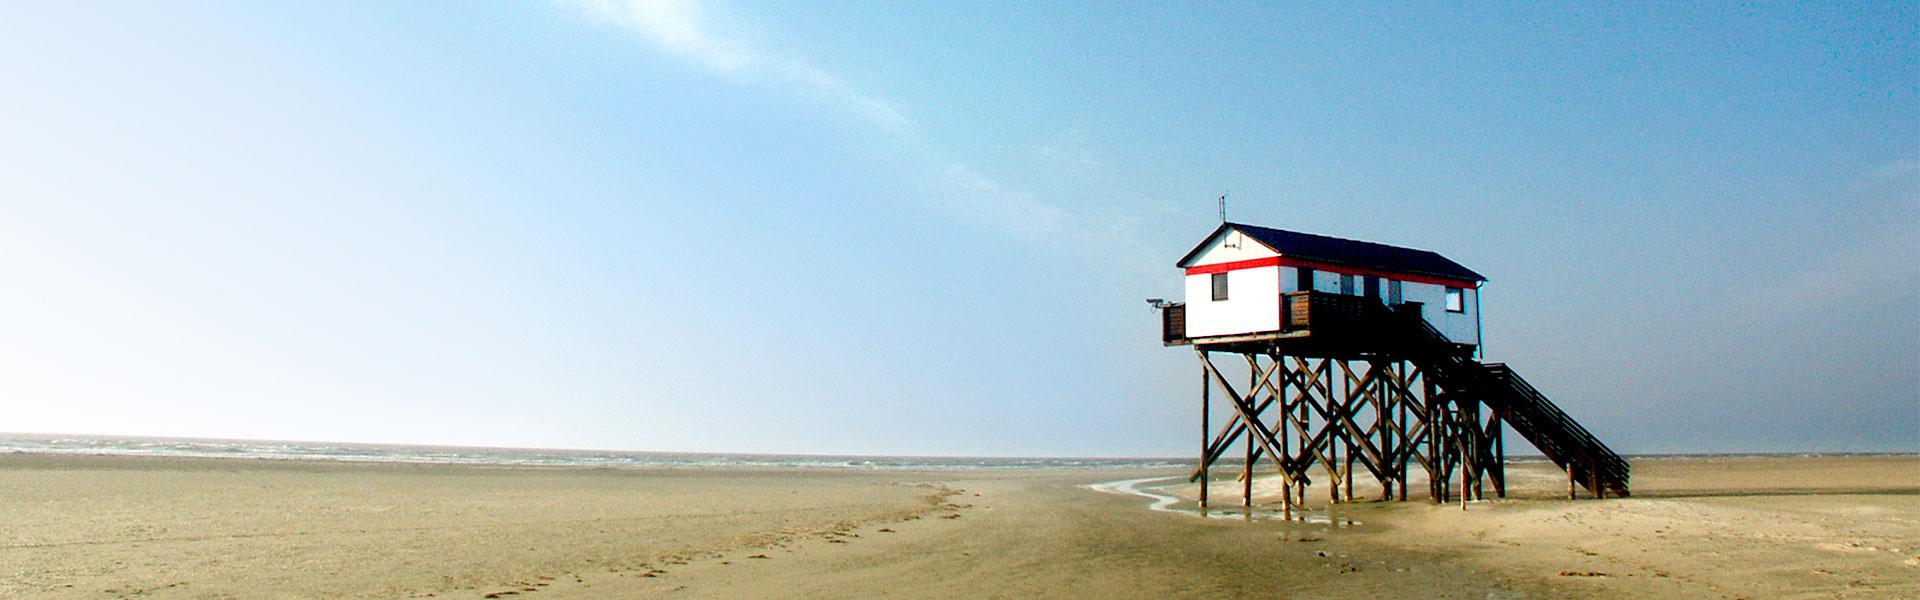 Weekendophold ved Vadehavet | Miniferie i Tönning, Schleswig